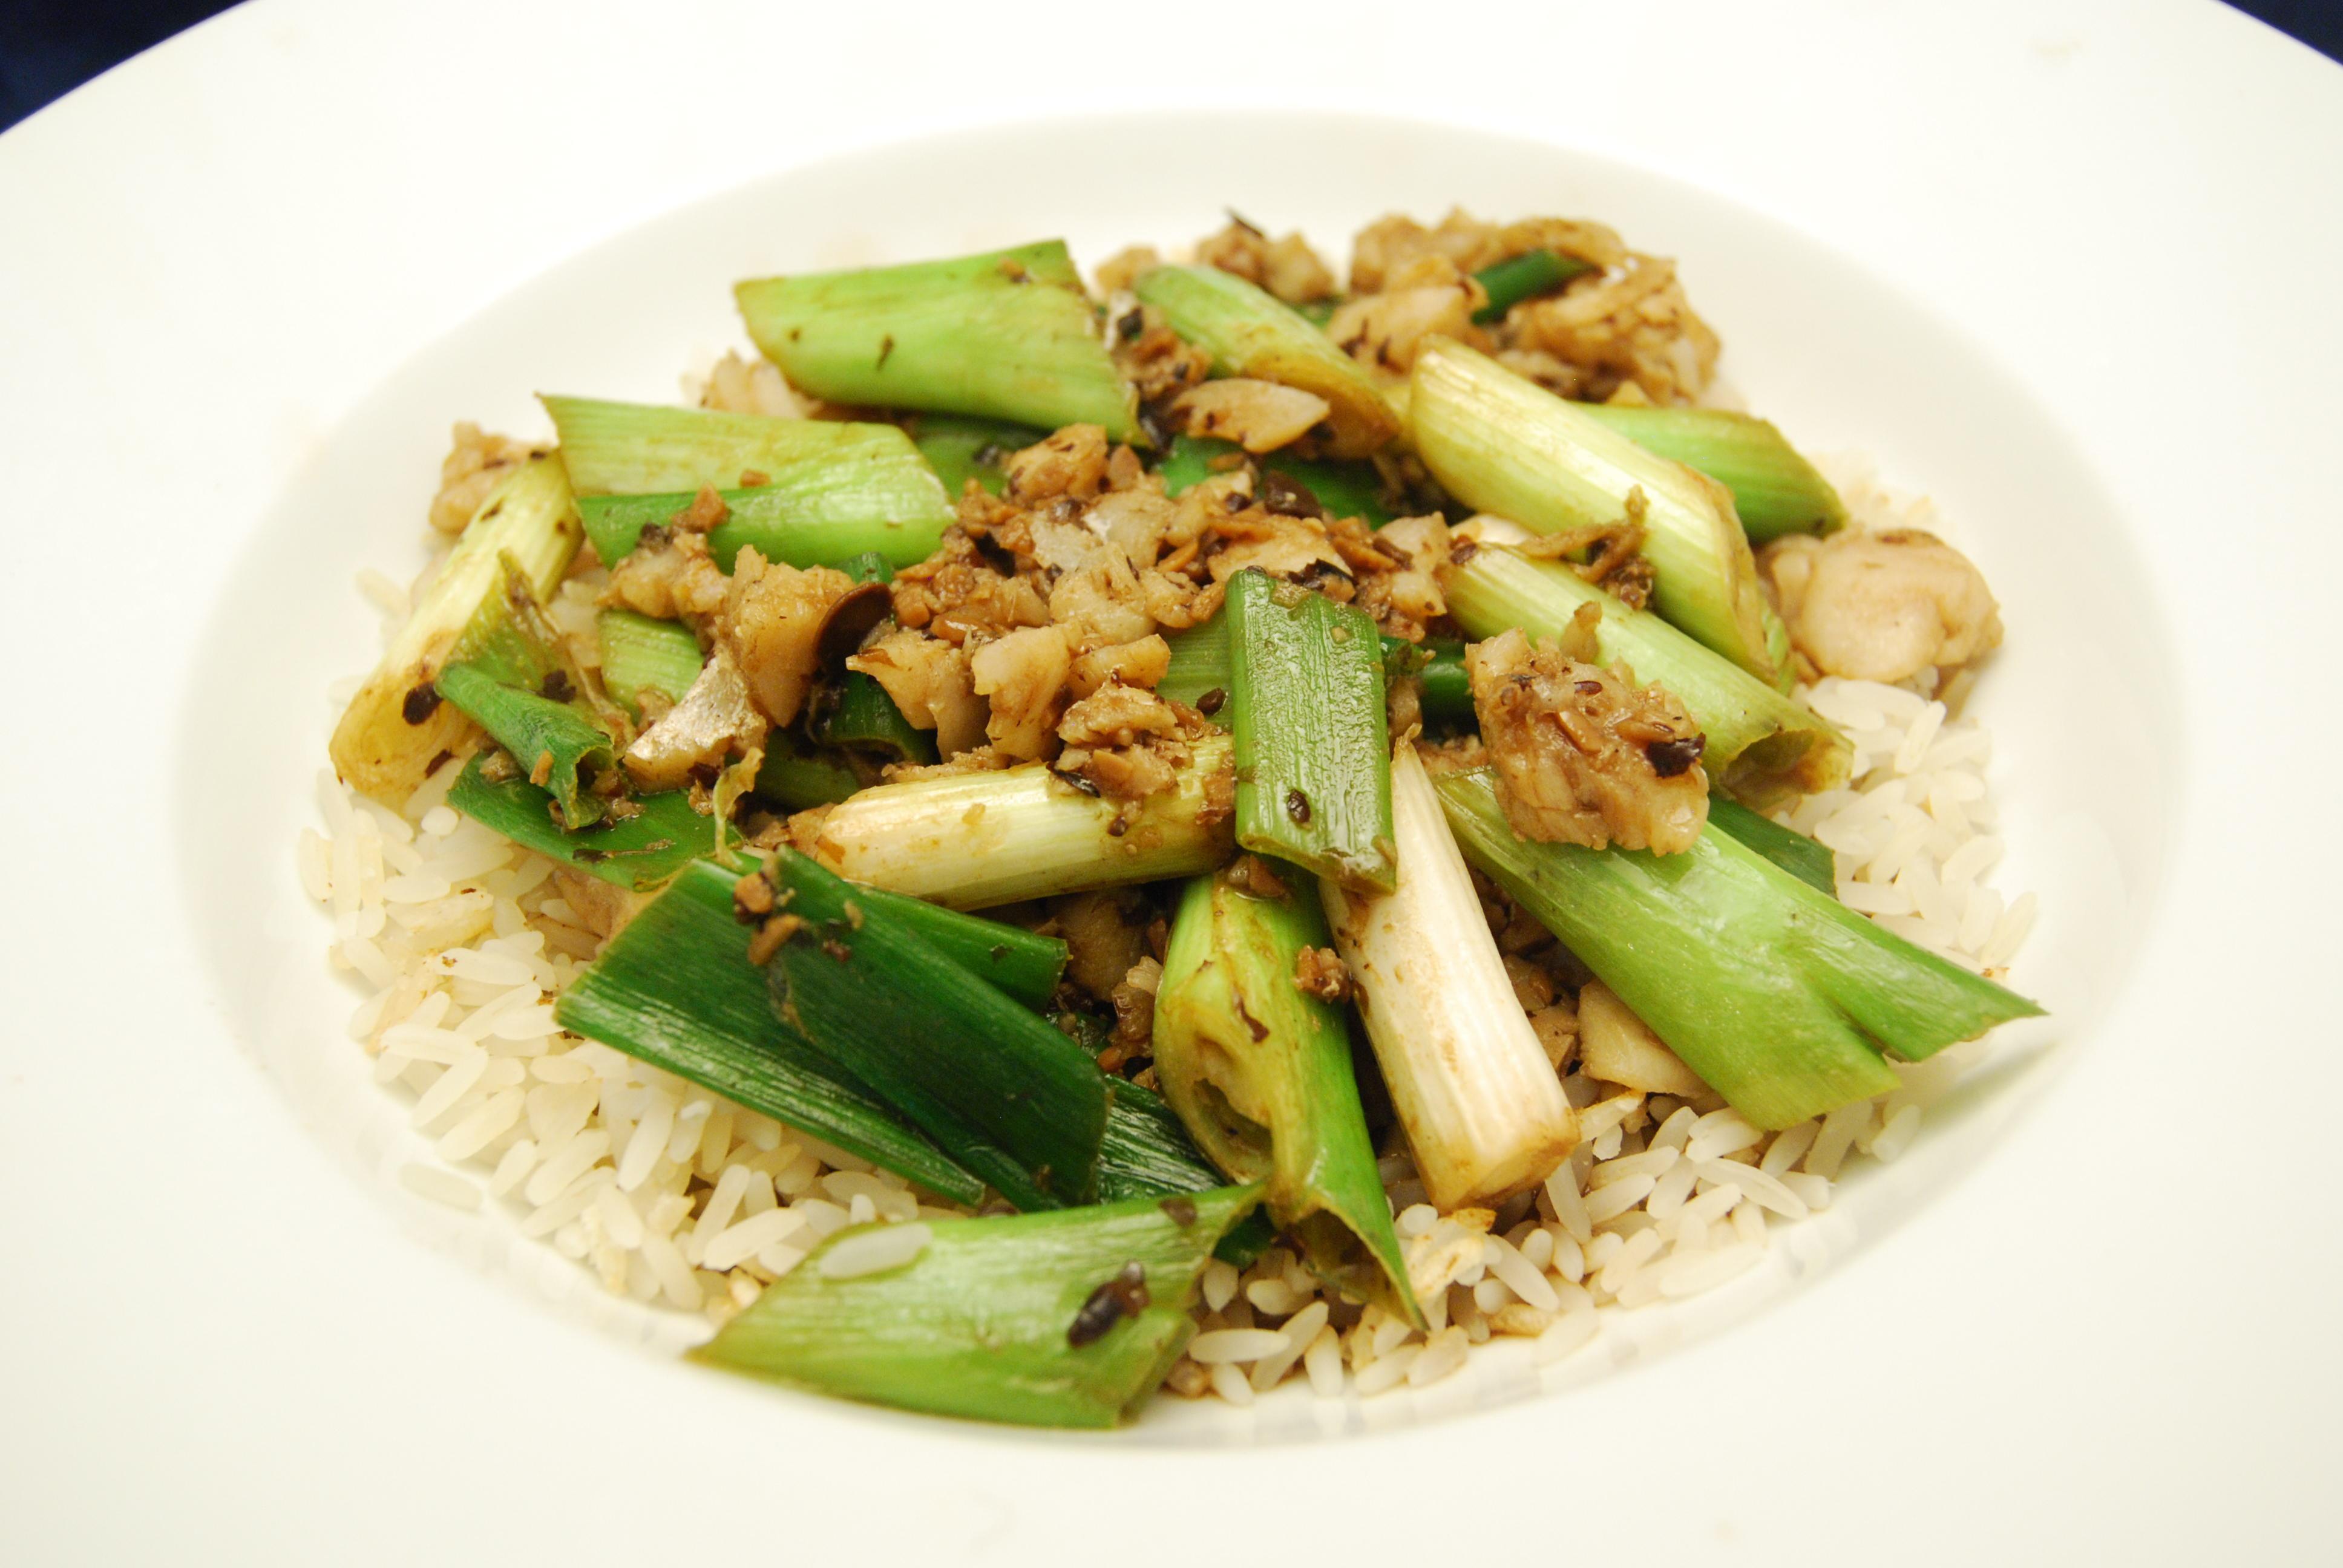 Seelachsfilet mit Lauchzwiebeln in schwarzer Bohnen-Sauce mit Reis